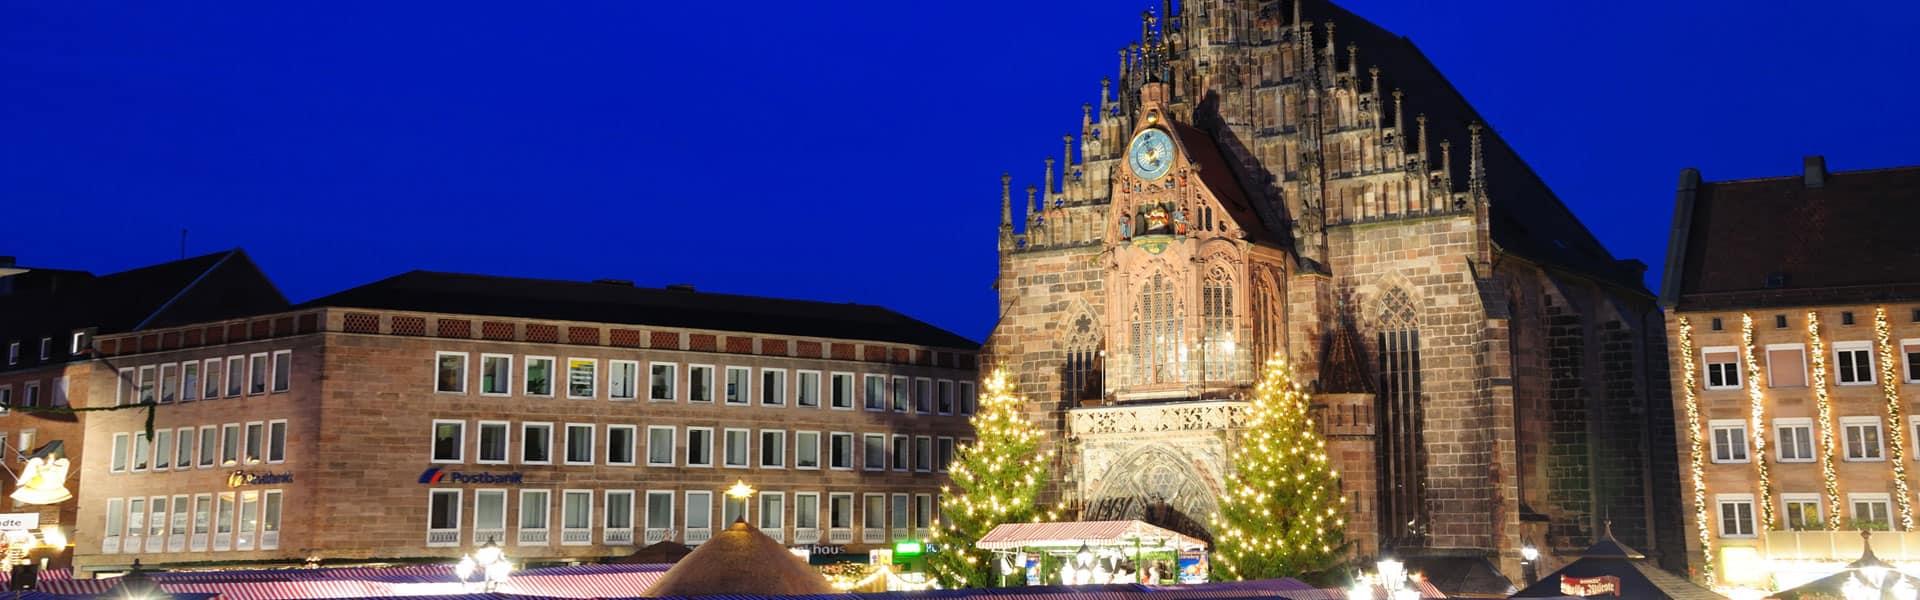 Die Seele baumeln lasse und genießen: der Christkindlesmarkt in der Nürnberger Altstadt